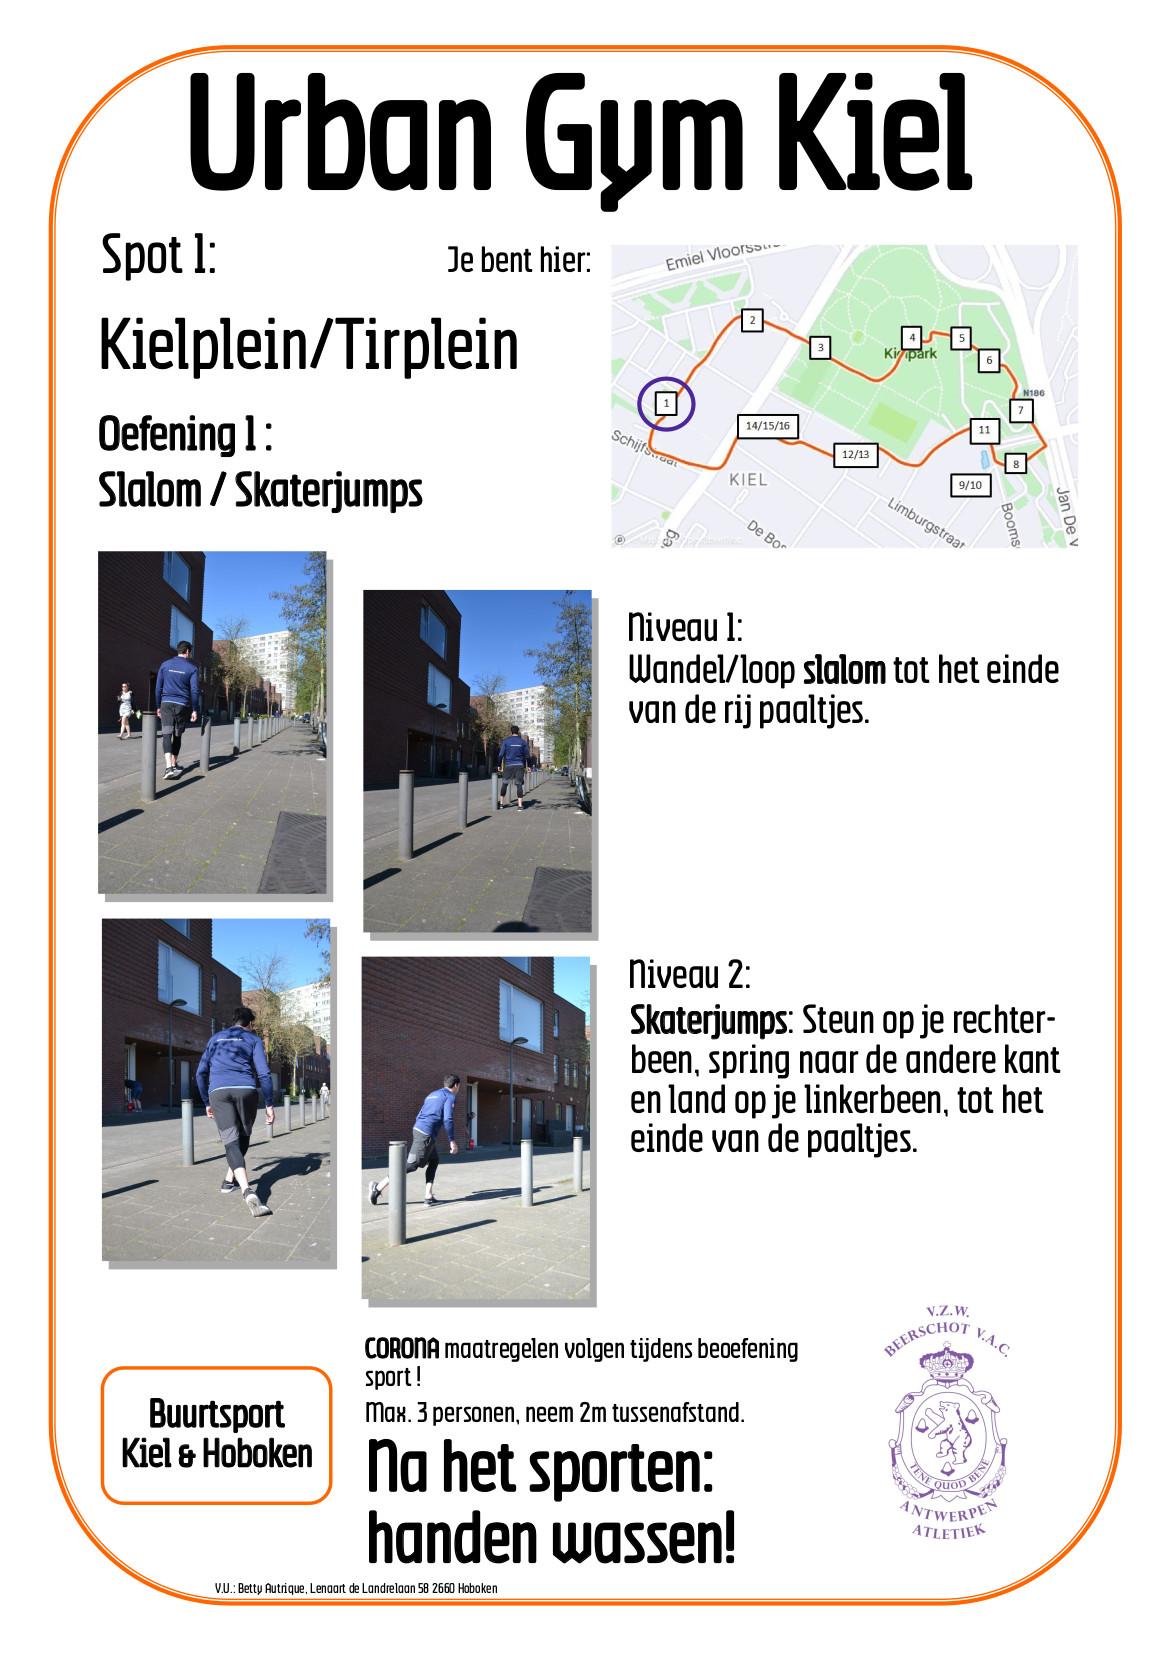 Beerschot Atletiek, Buurtsport Kiel en Hoboken, Urban Gym op het Kiel, spot1.